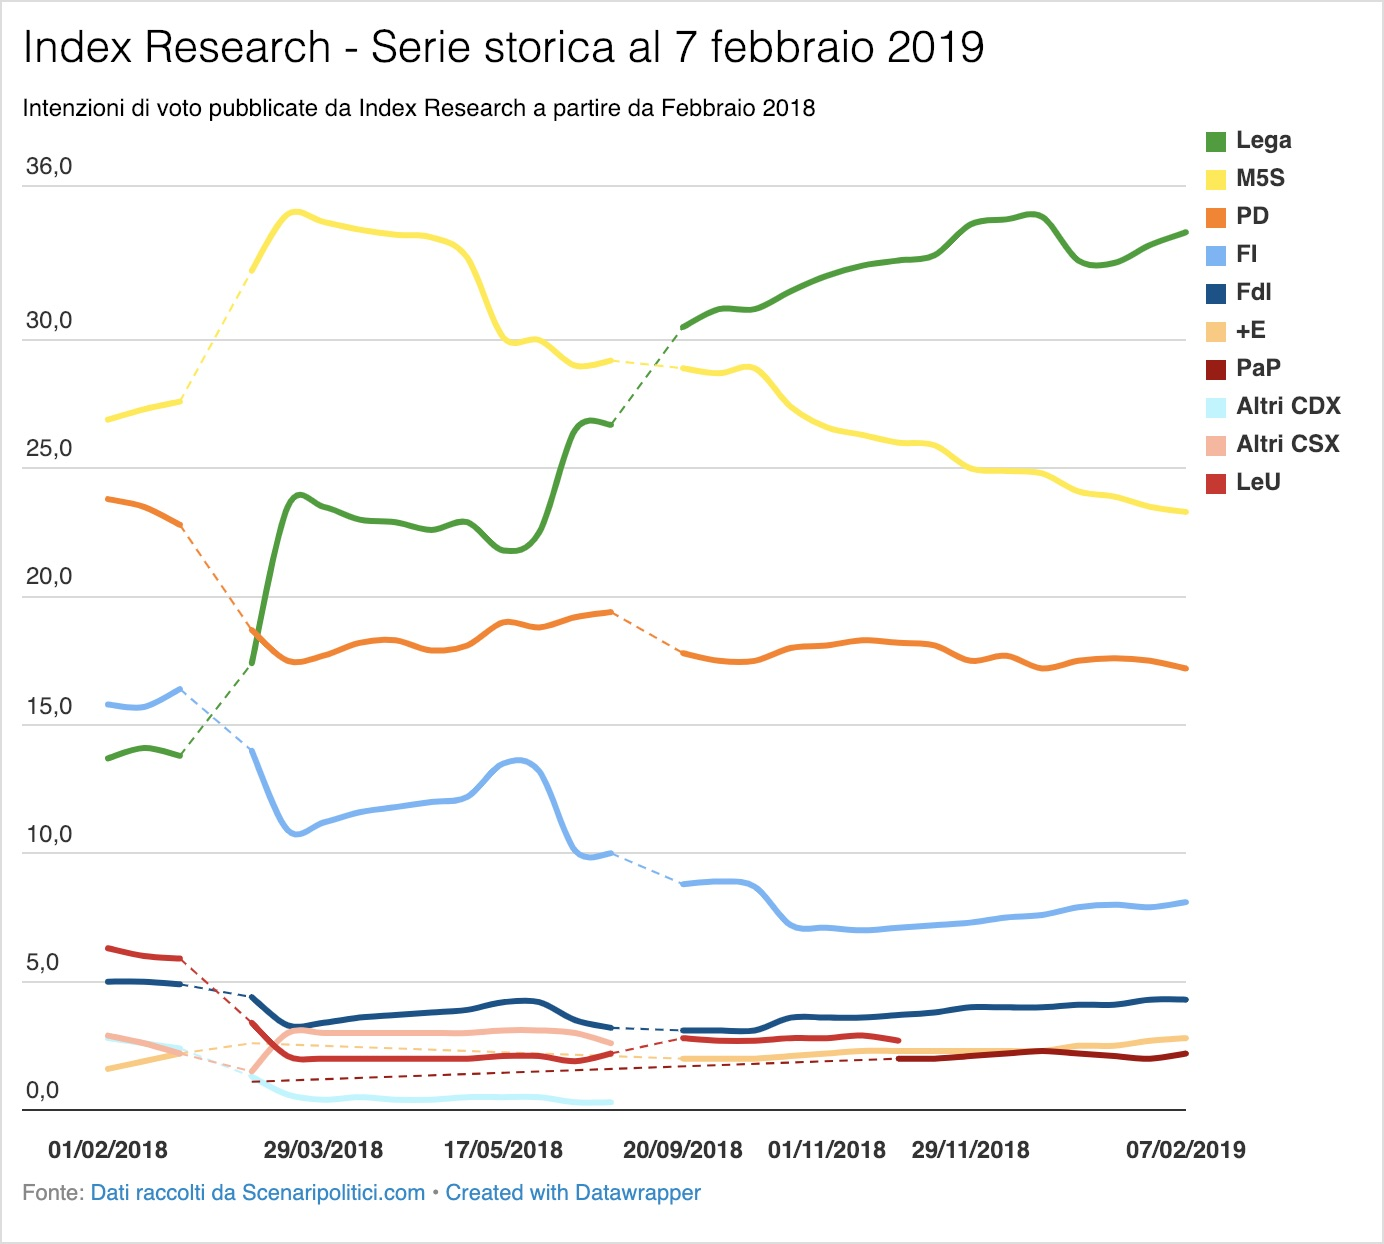 Sondaggio Index Research 7 febbraio 2019